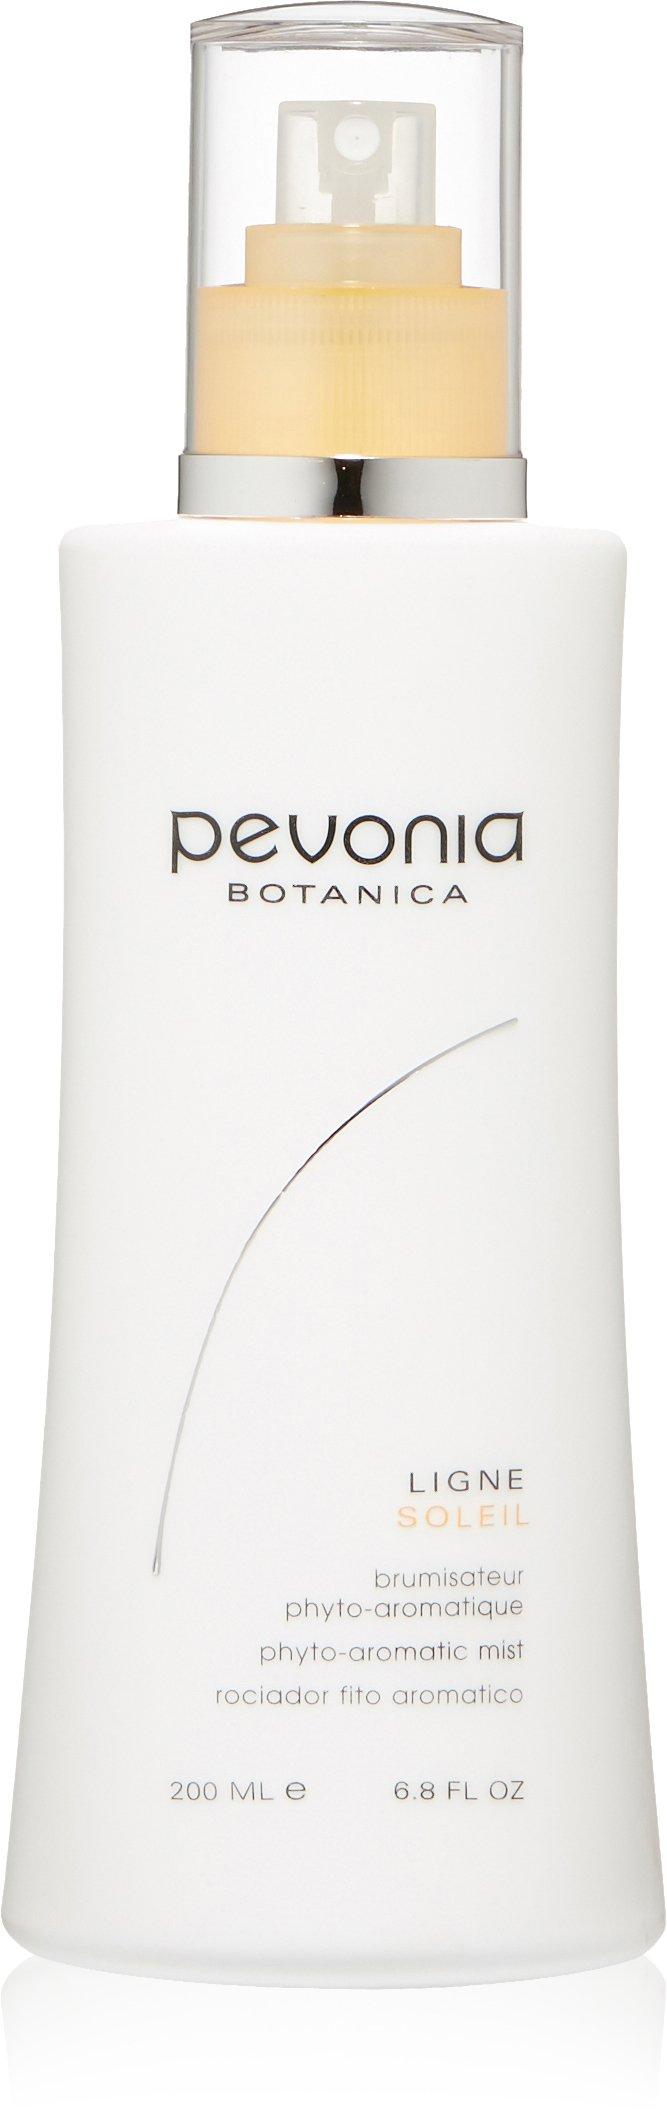 Pevonia Phyto-Aromatic Mist, 6.8 Fl Oz by Pevonia